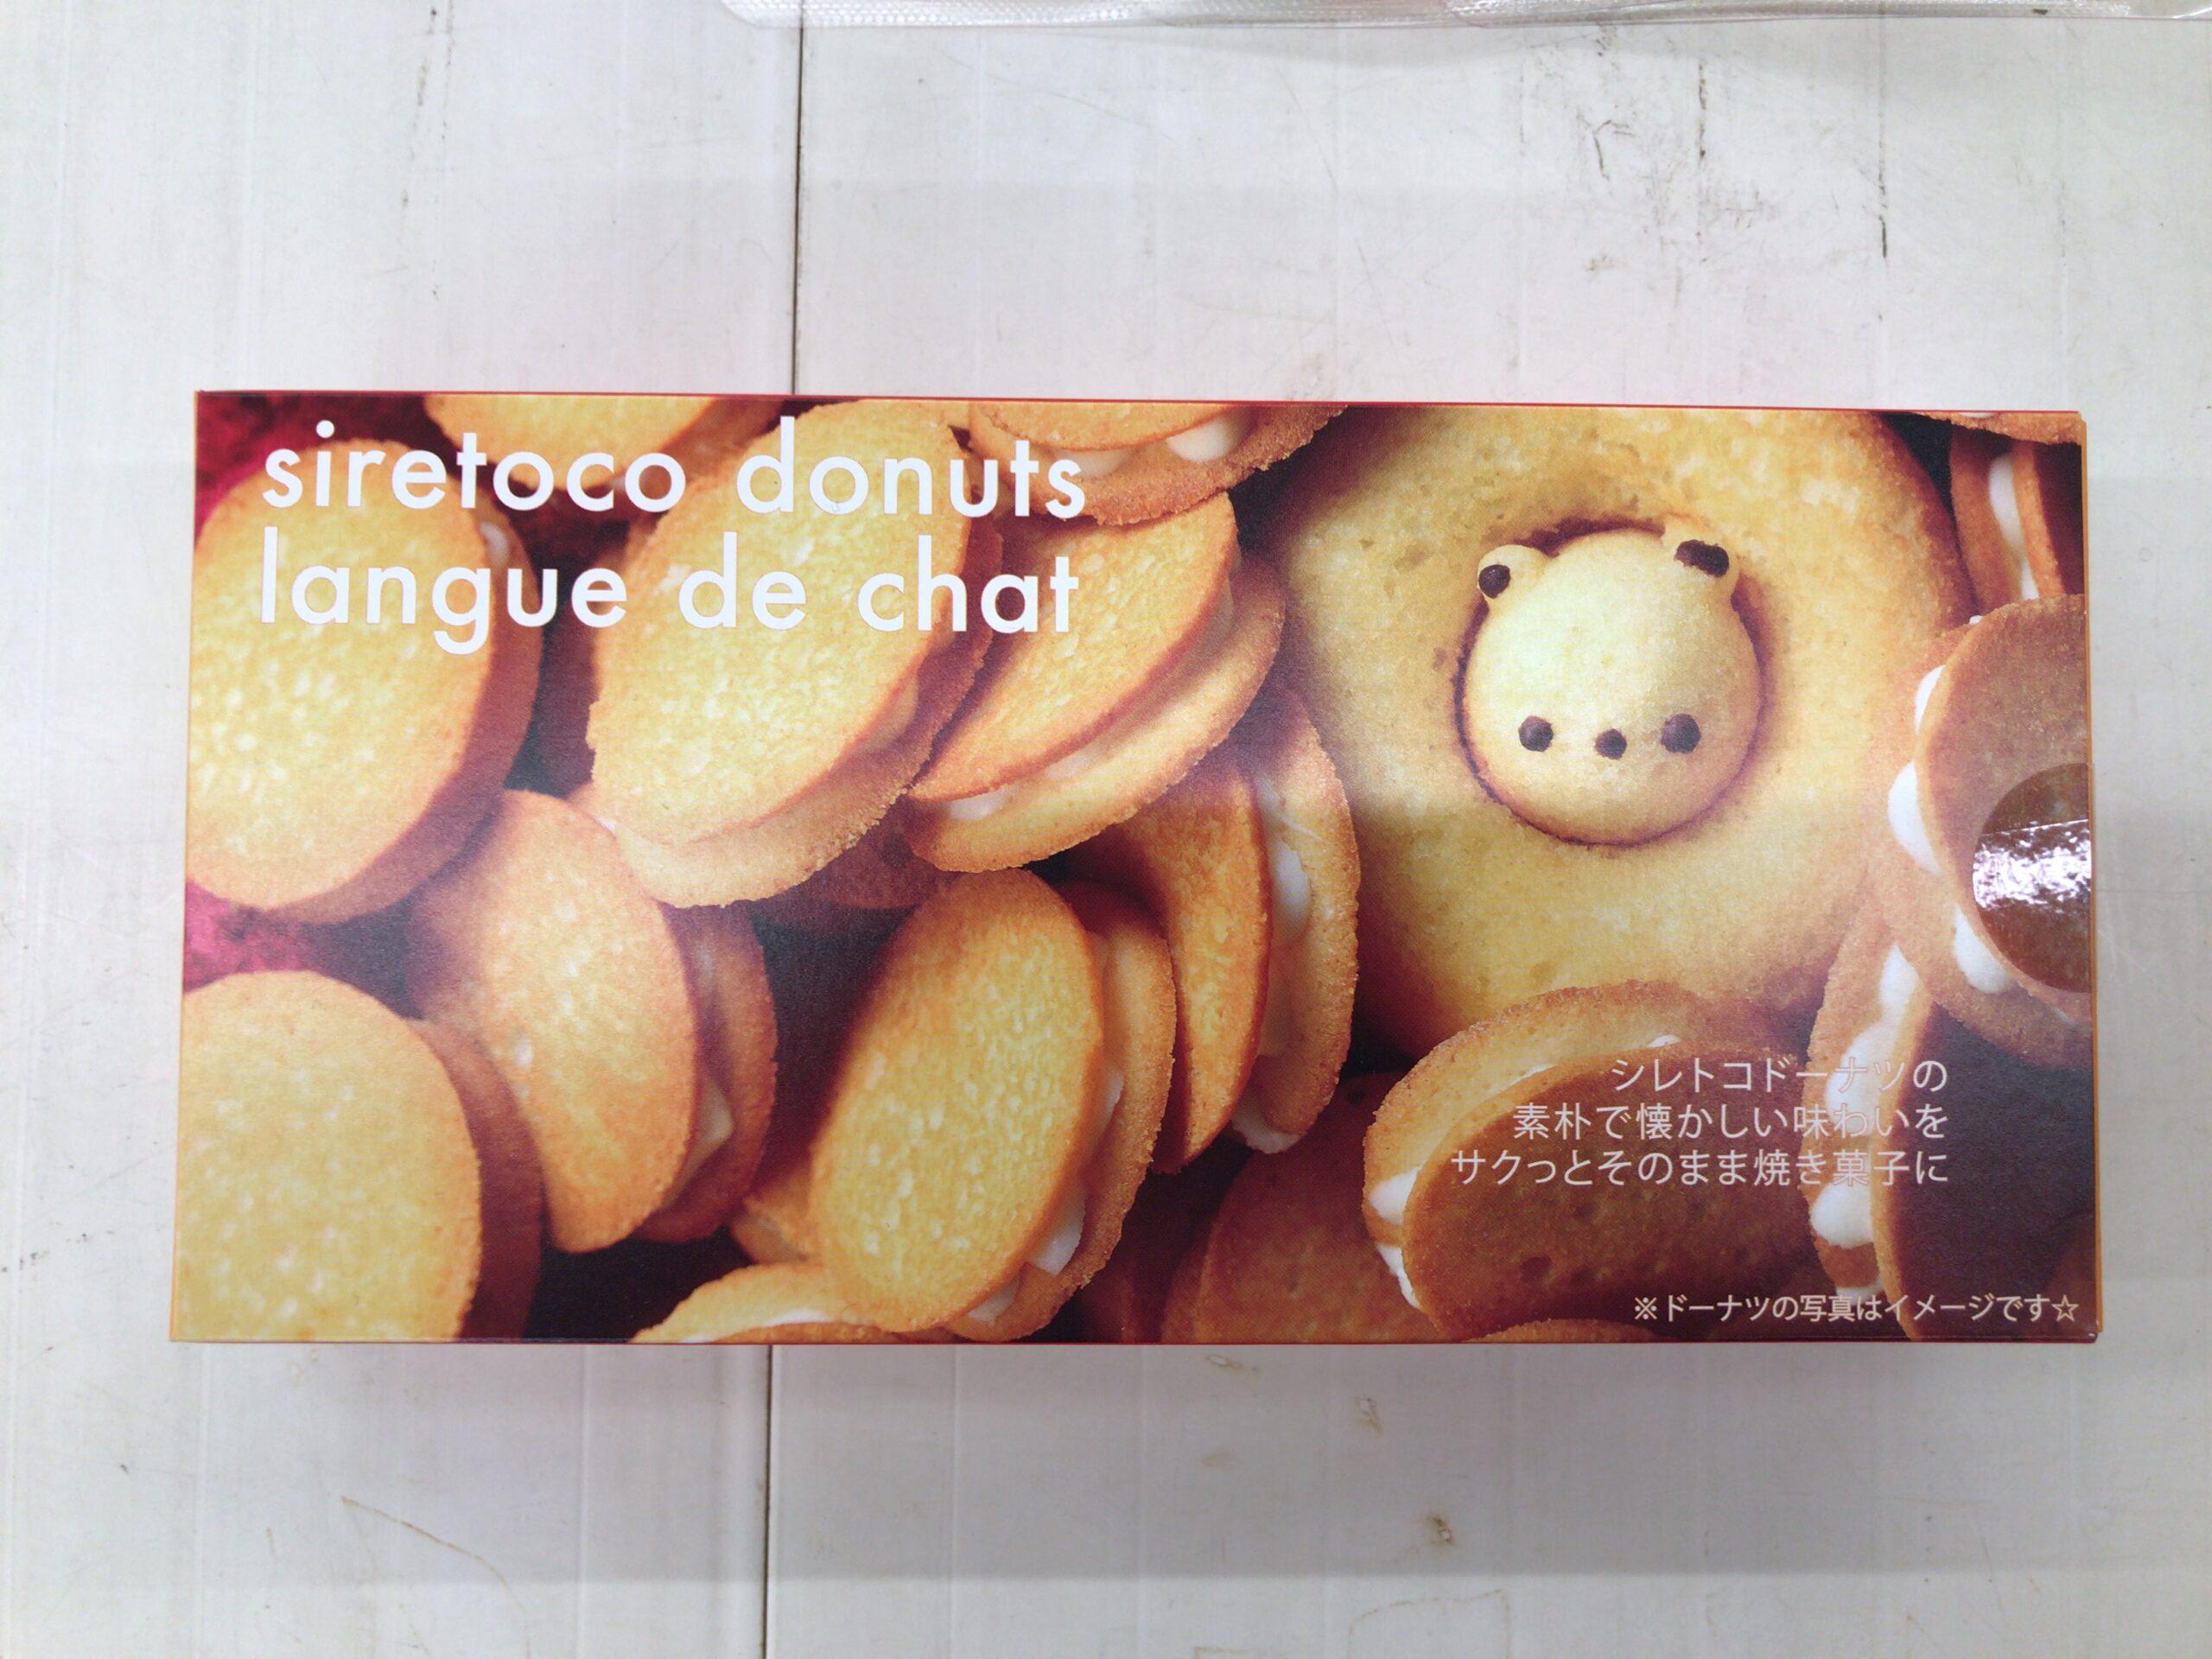 シレトコファクトリー「シレトコドーナツ」